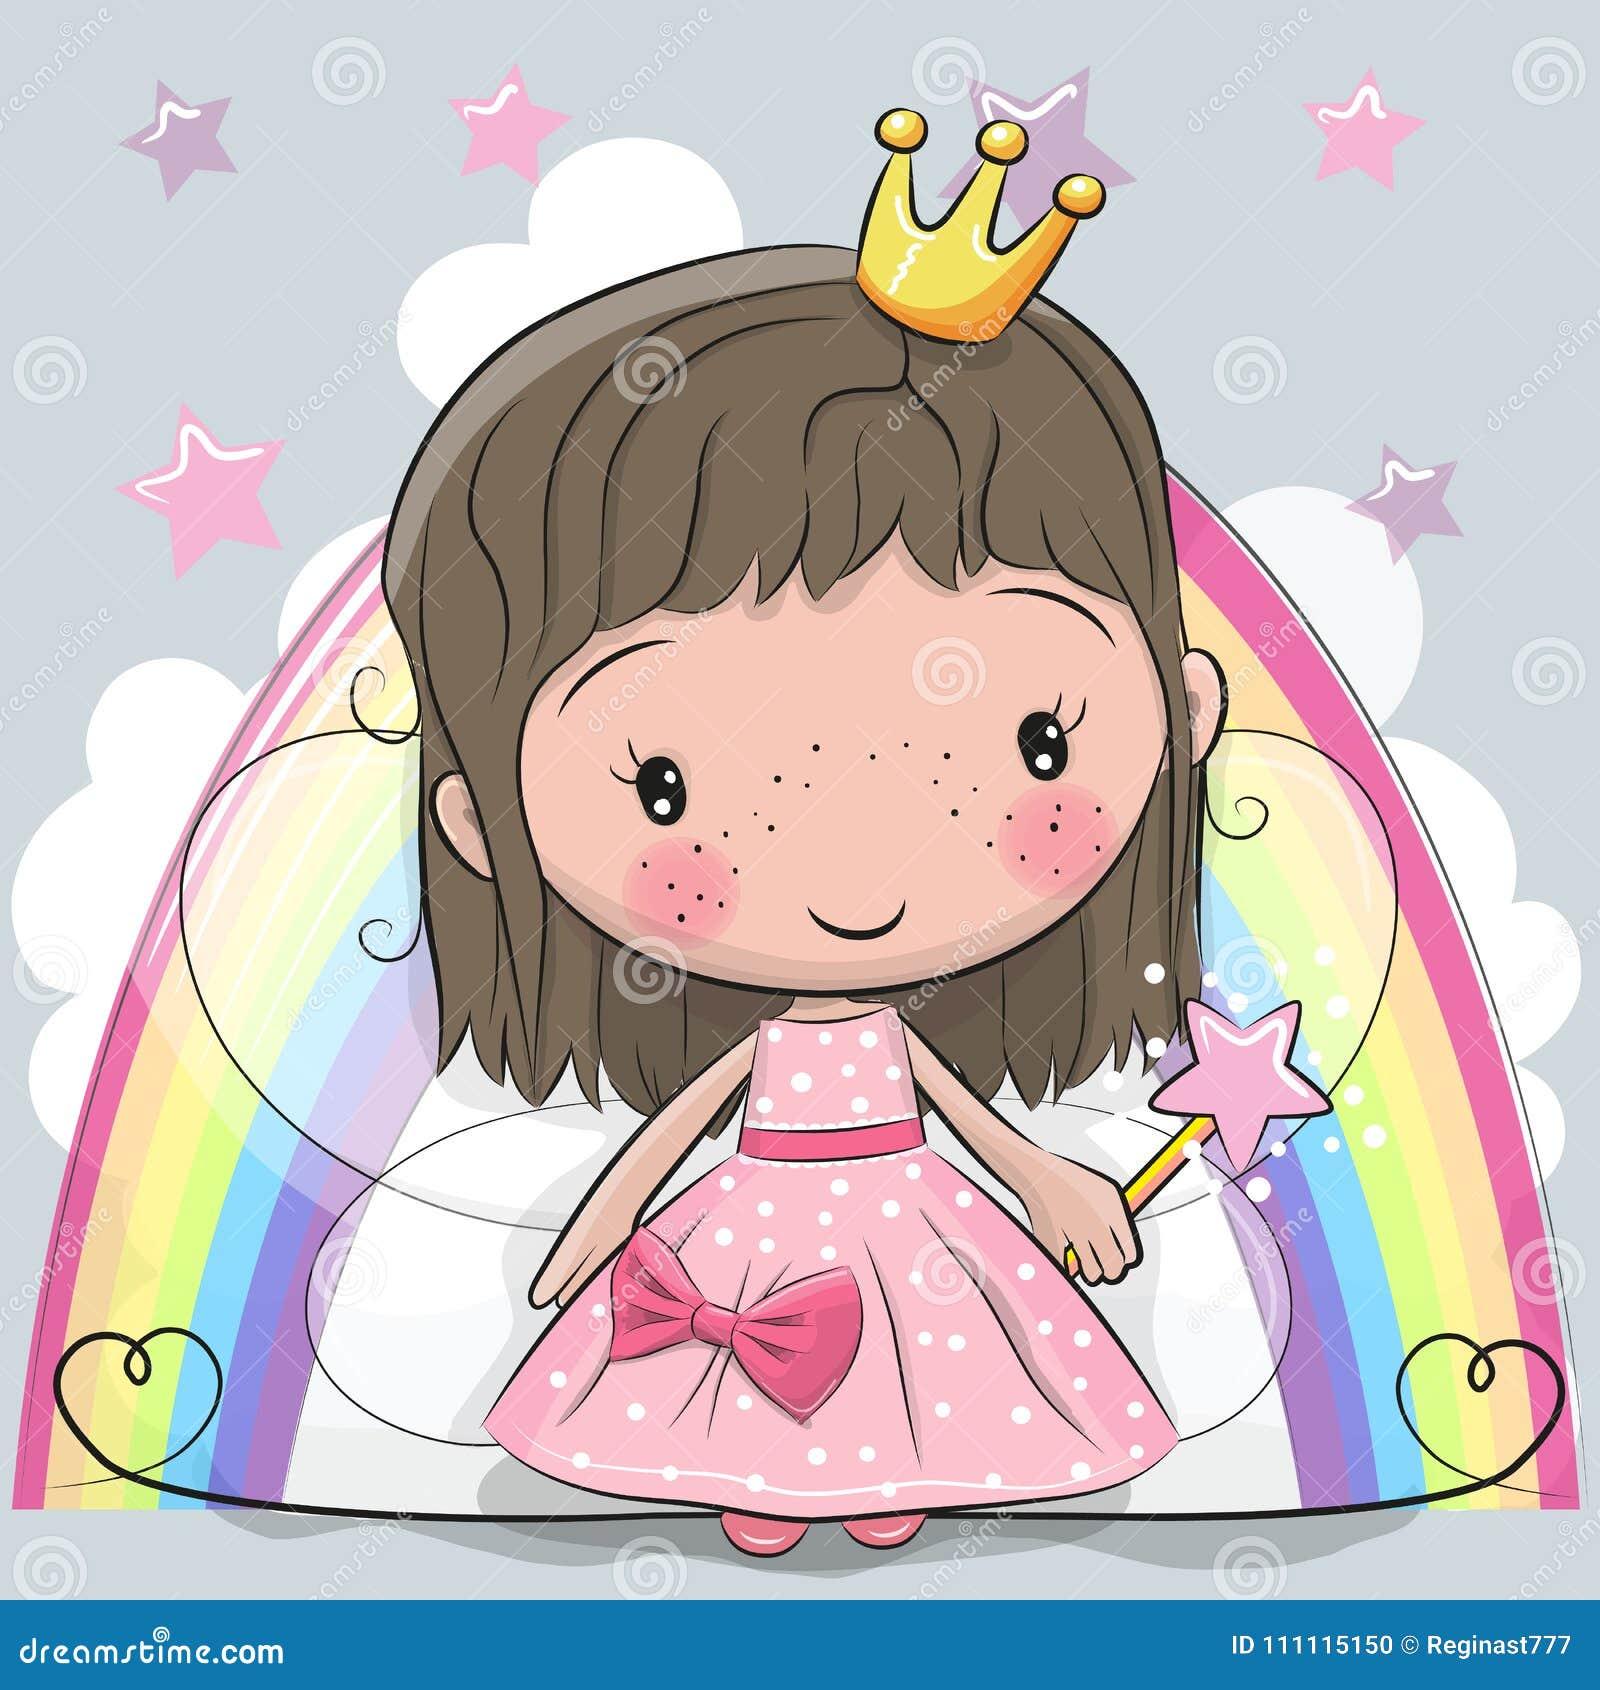 Hada linda de la princesa del cuento de hadas de la historieta